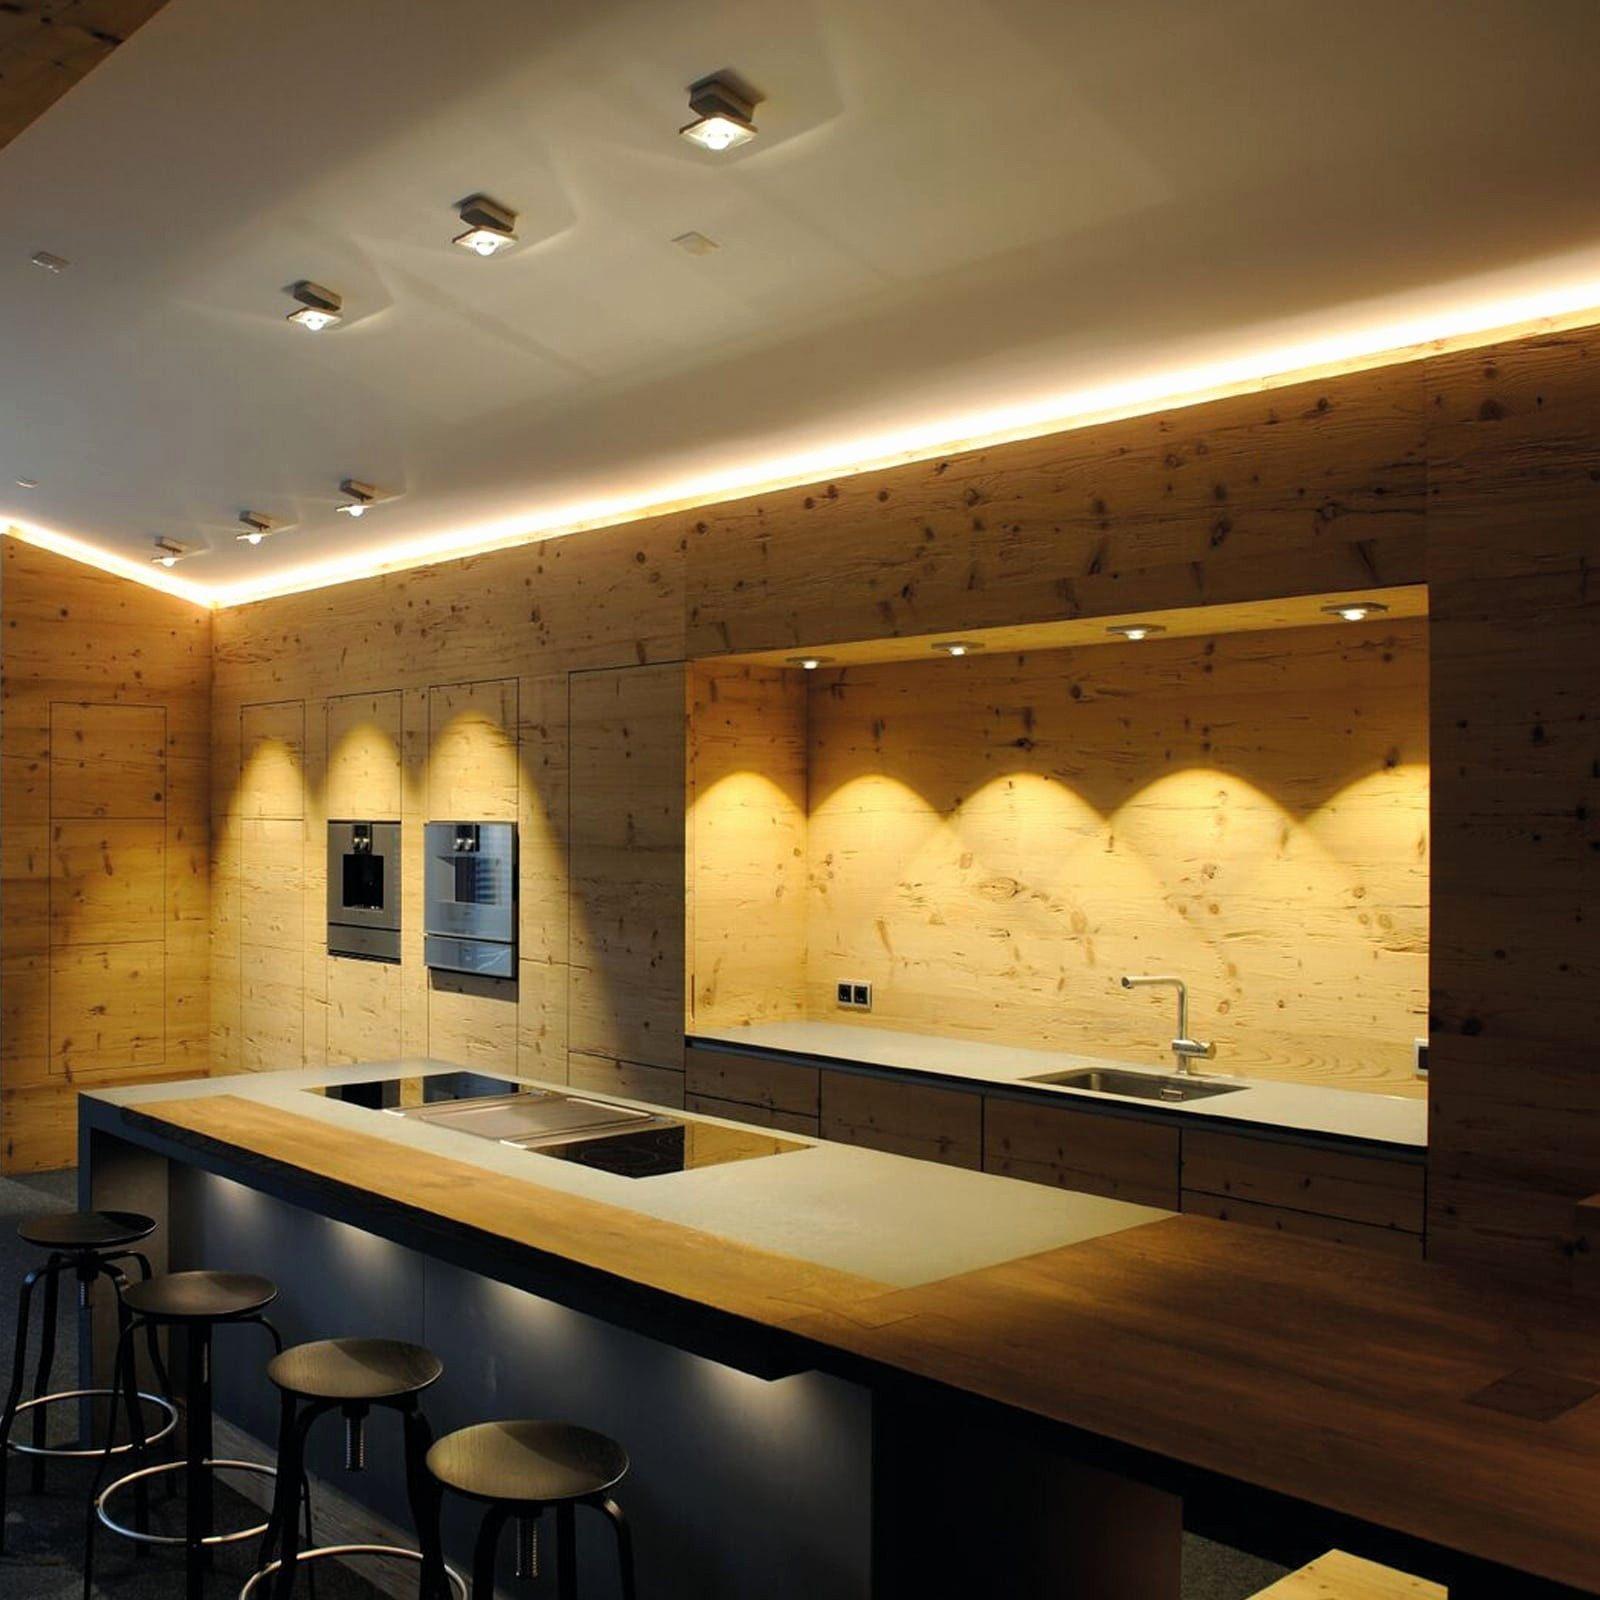 Eclairage Tete De Lit Led Belle Luminaire Interieur Design La Confortable Lampe Bois Design